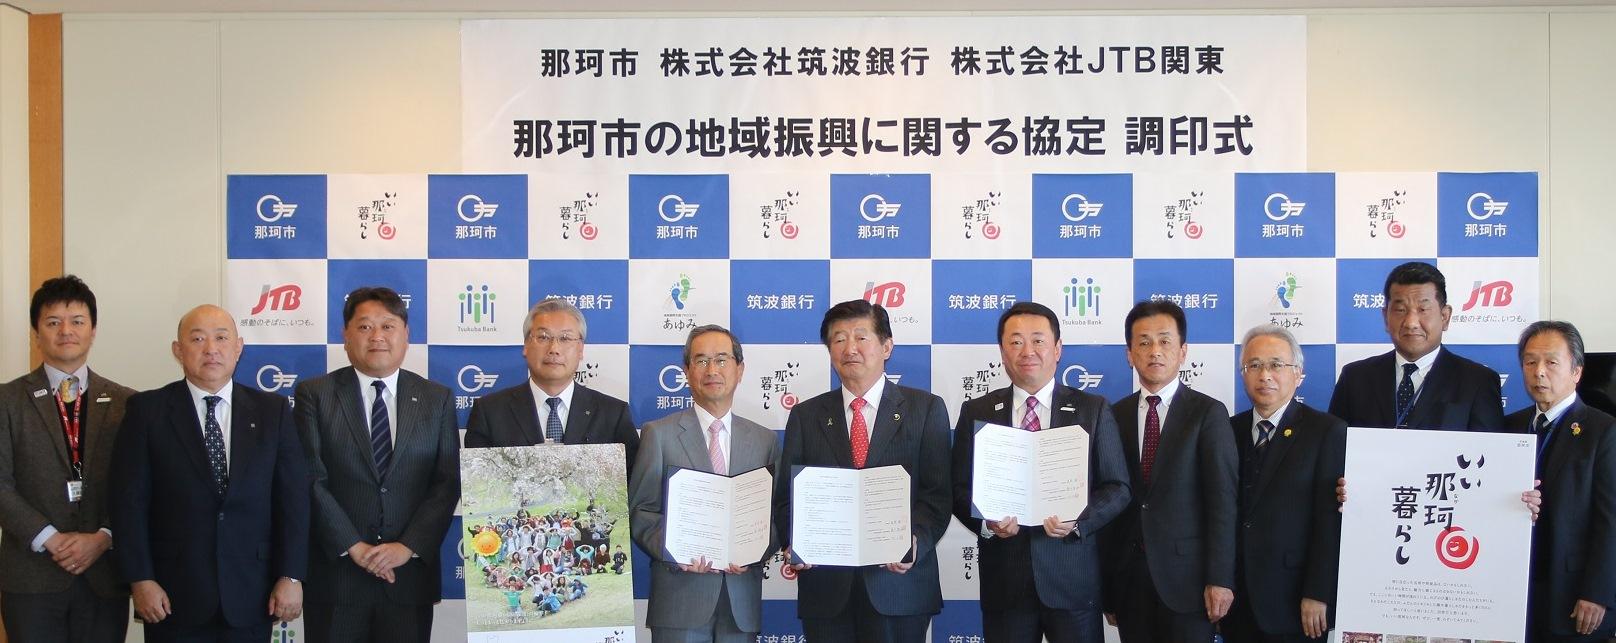 「那珂市の地域振興に関する協定」調印式